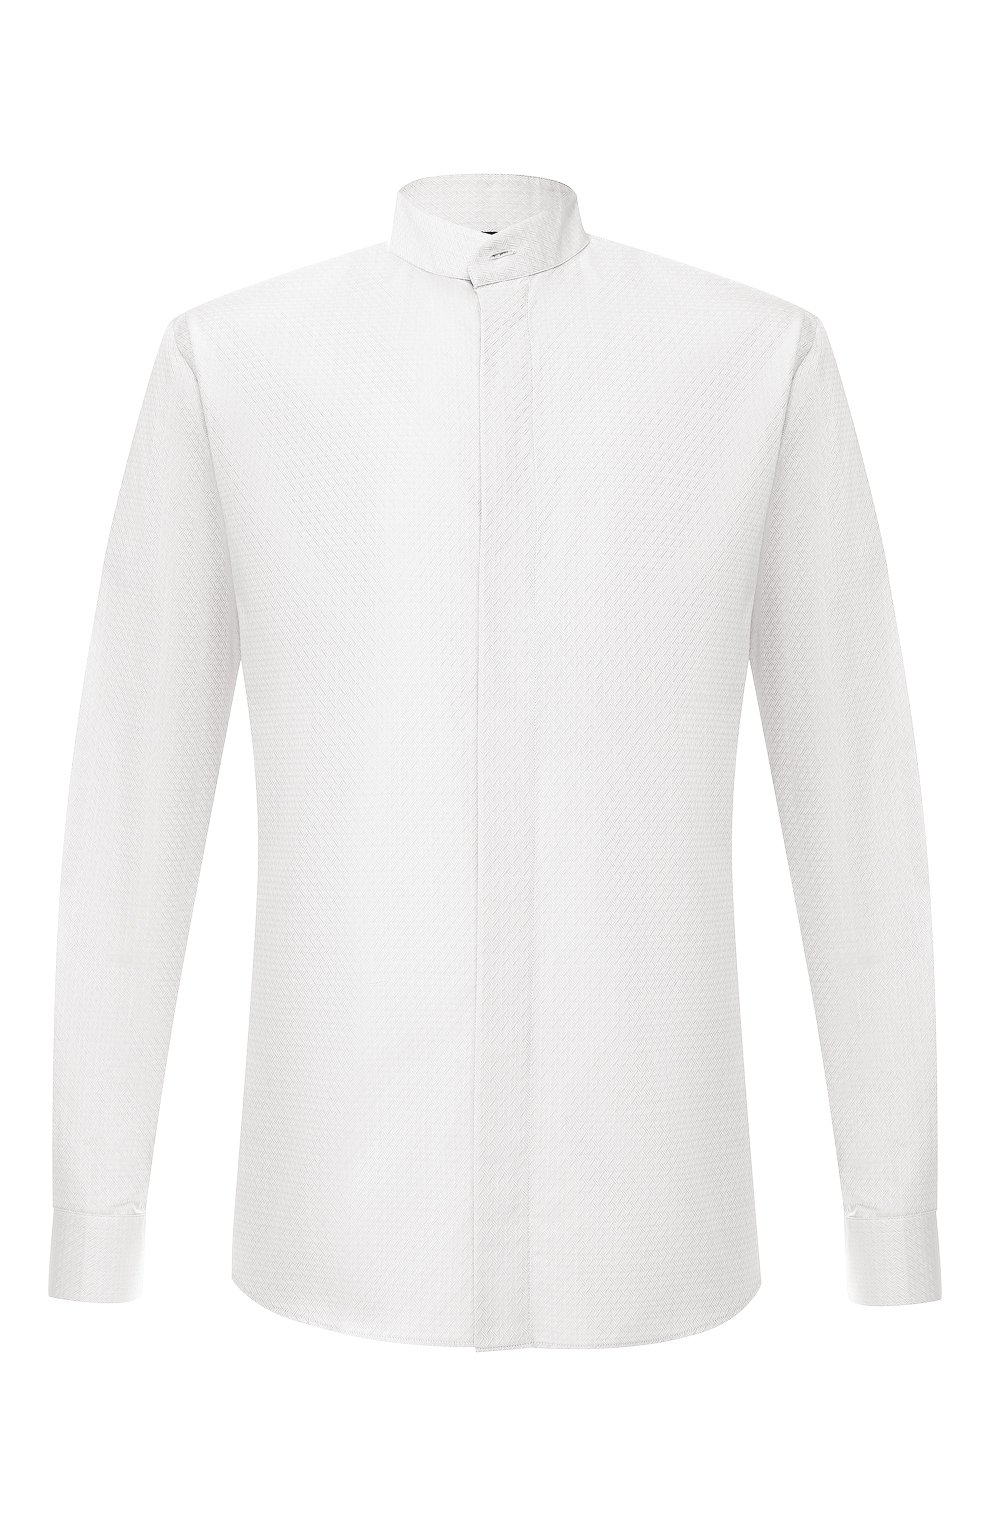 Мужская хлопковая рубашка с воротником мандарин GIORGIO ARMANI серого цвета, арт. 9SGCCZ10/TZ211 | Фото 1